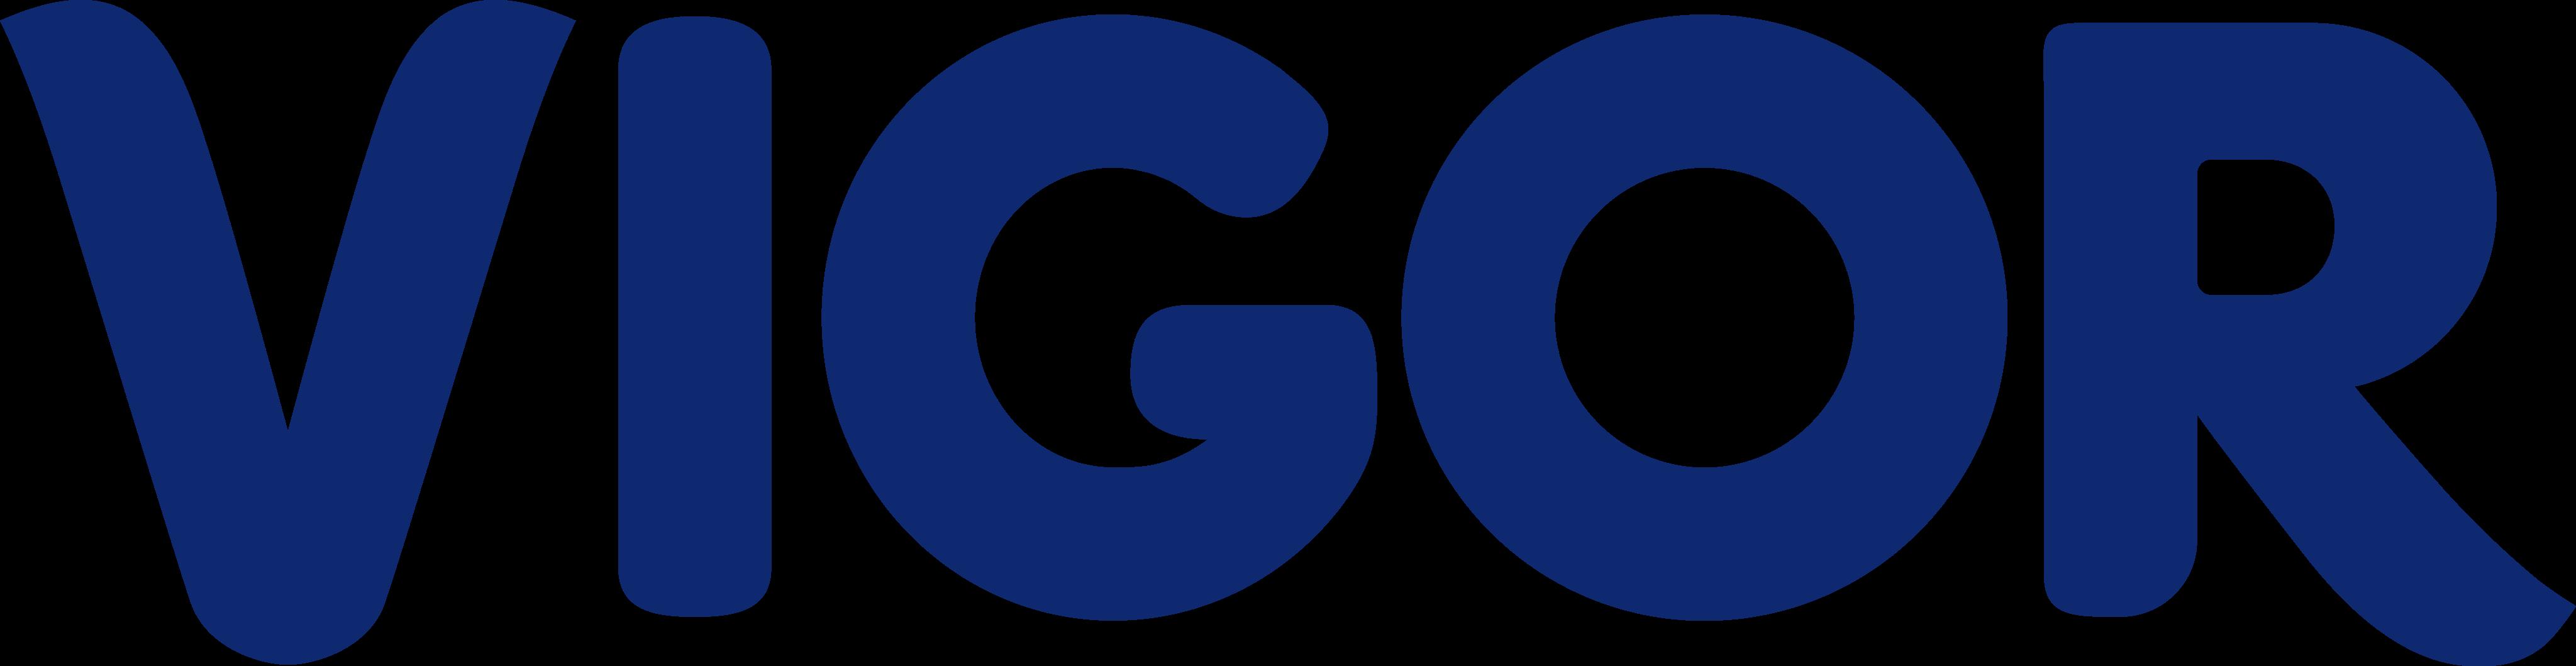 Vigor Logo.